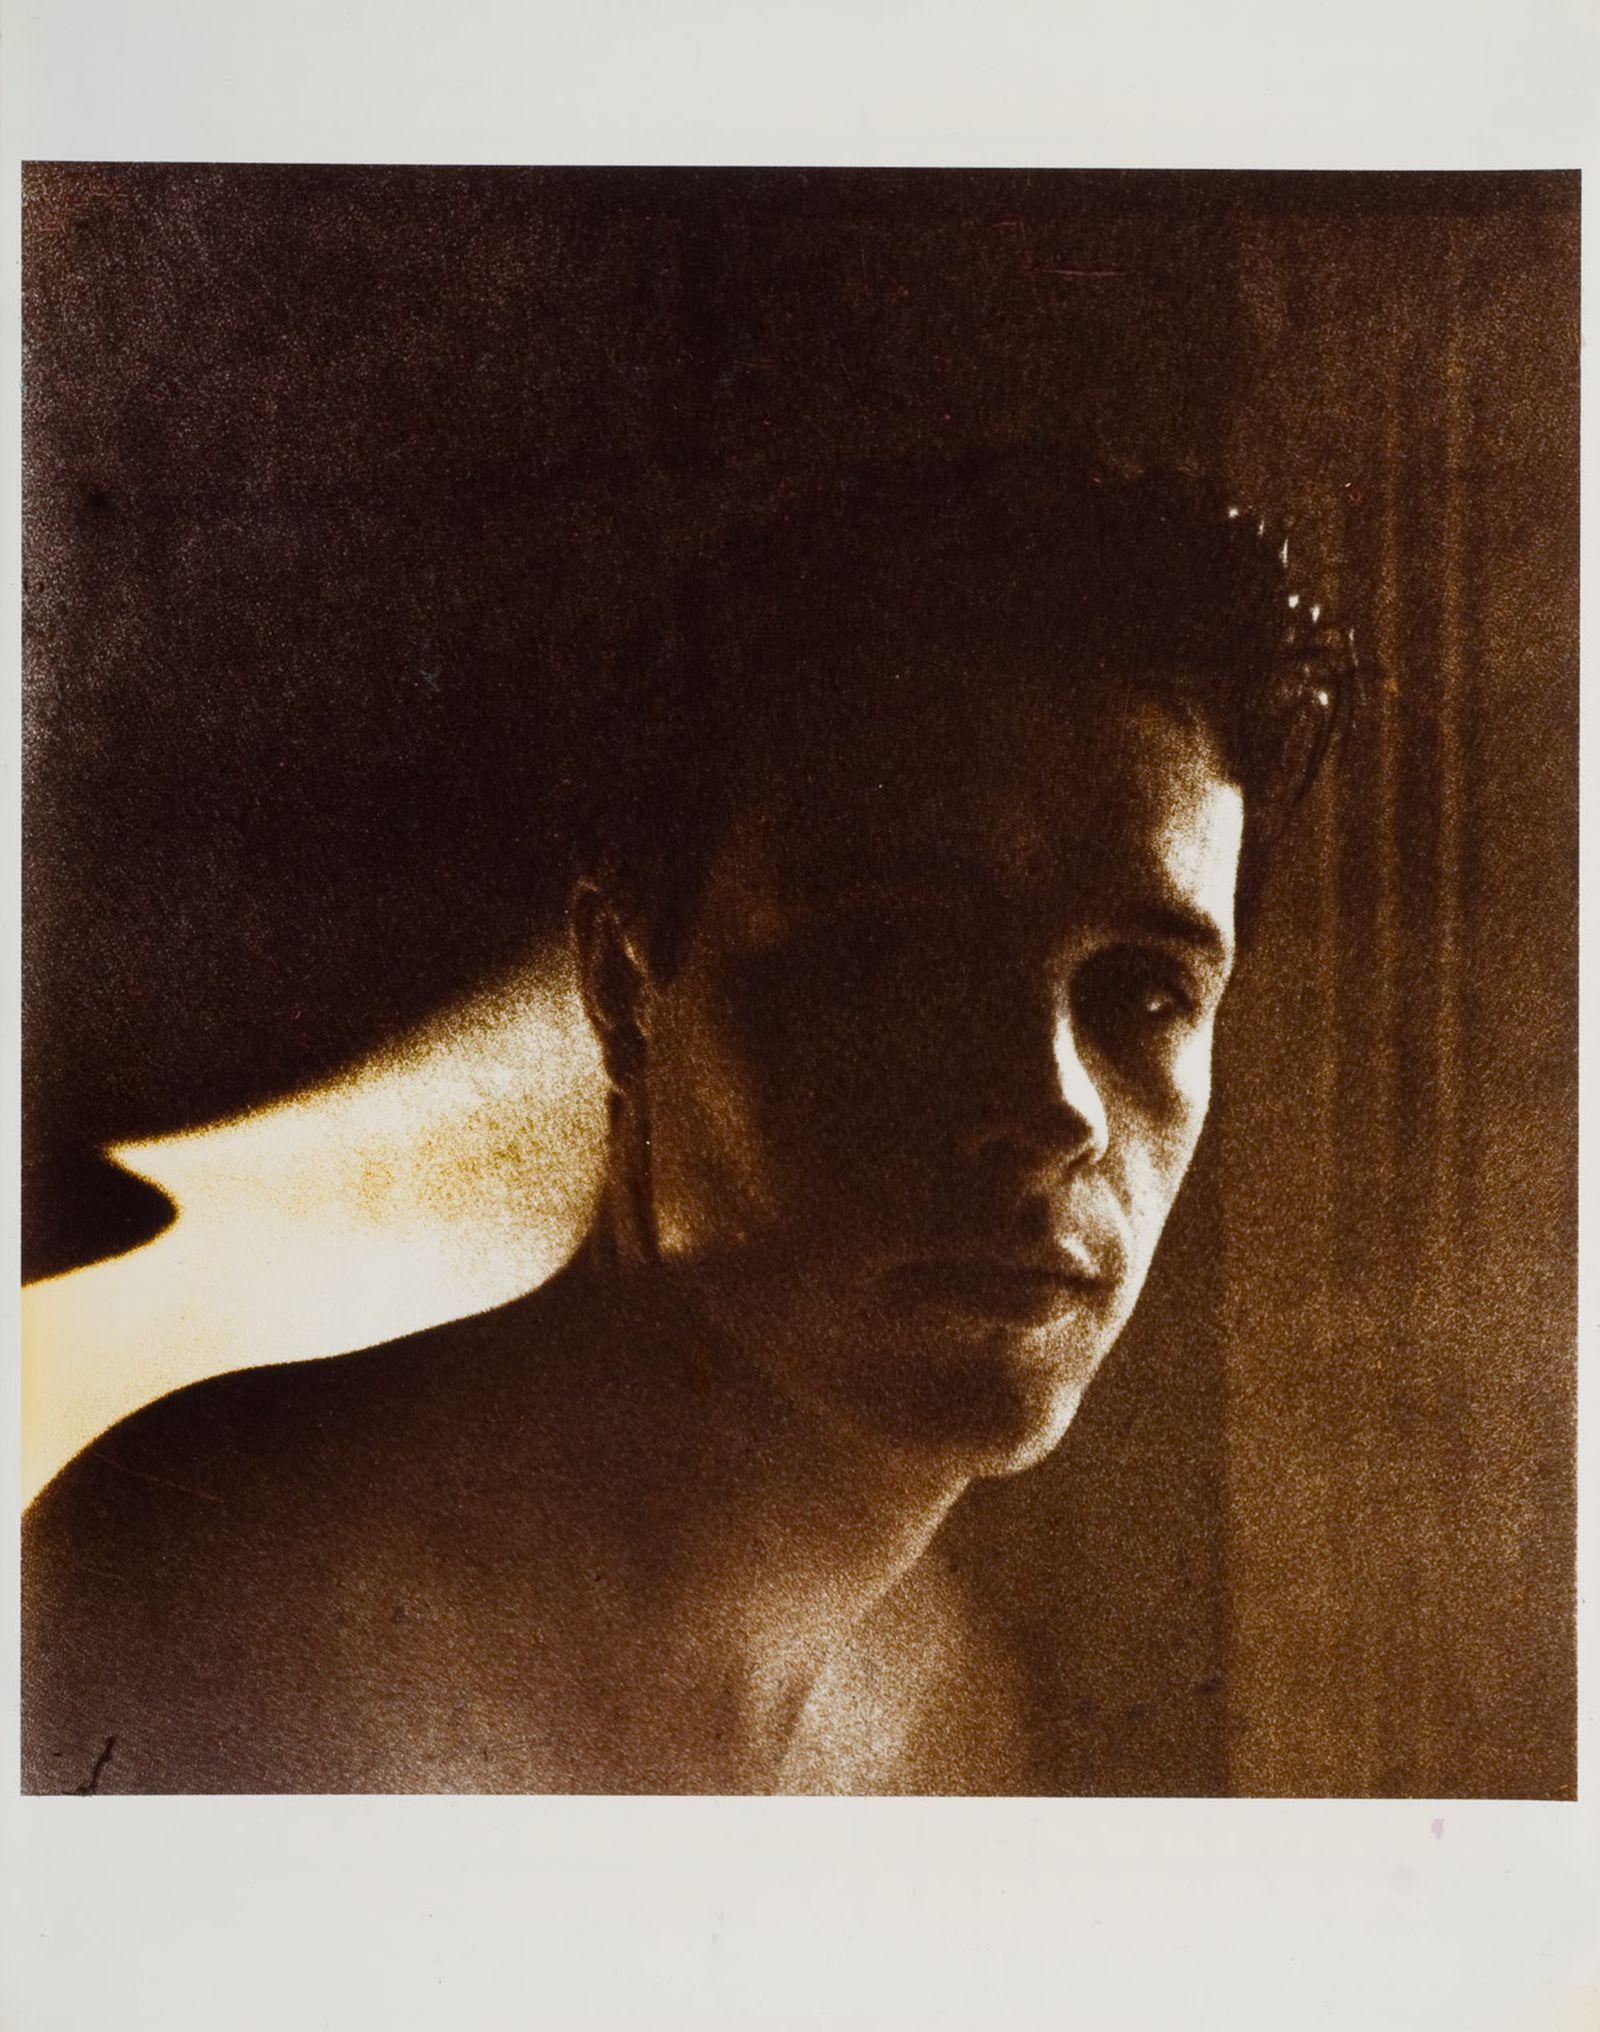 Mark Morrisroe, The Boy Next Door (Beautiful But Dumb), 1983